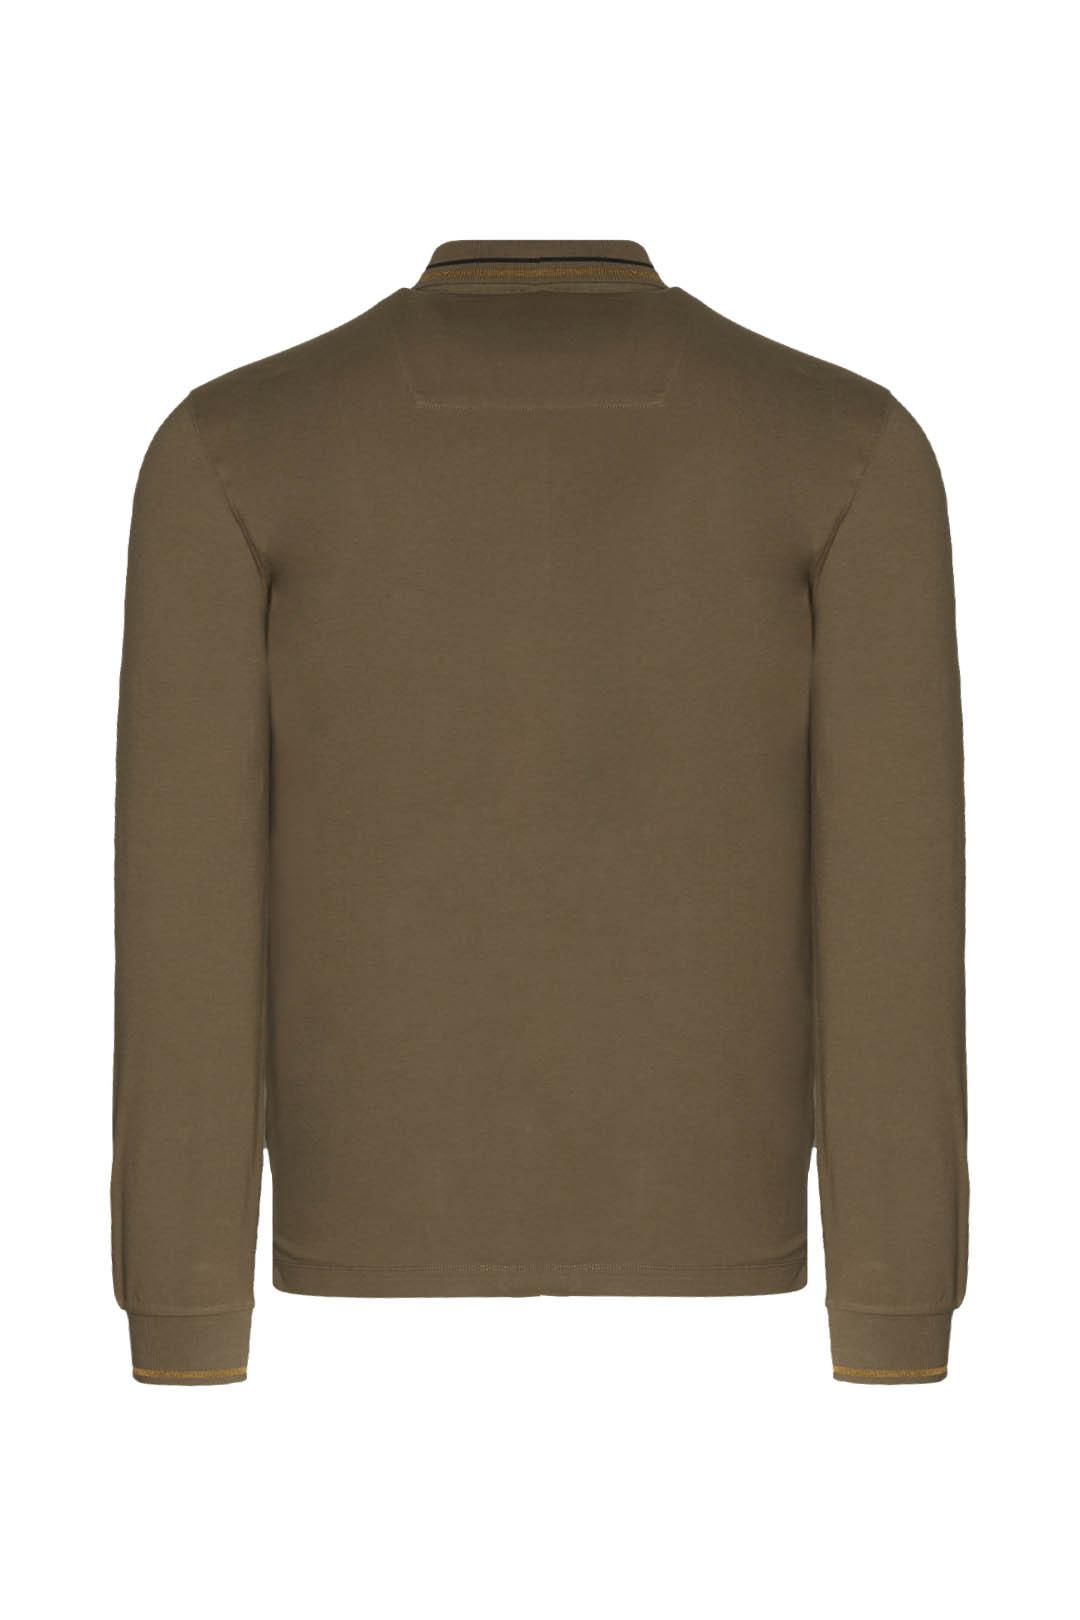 Frecce Tricolori polo shirt              2